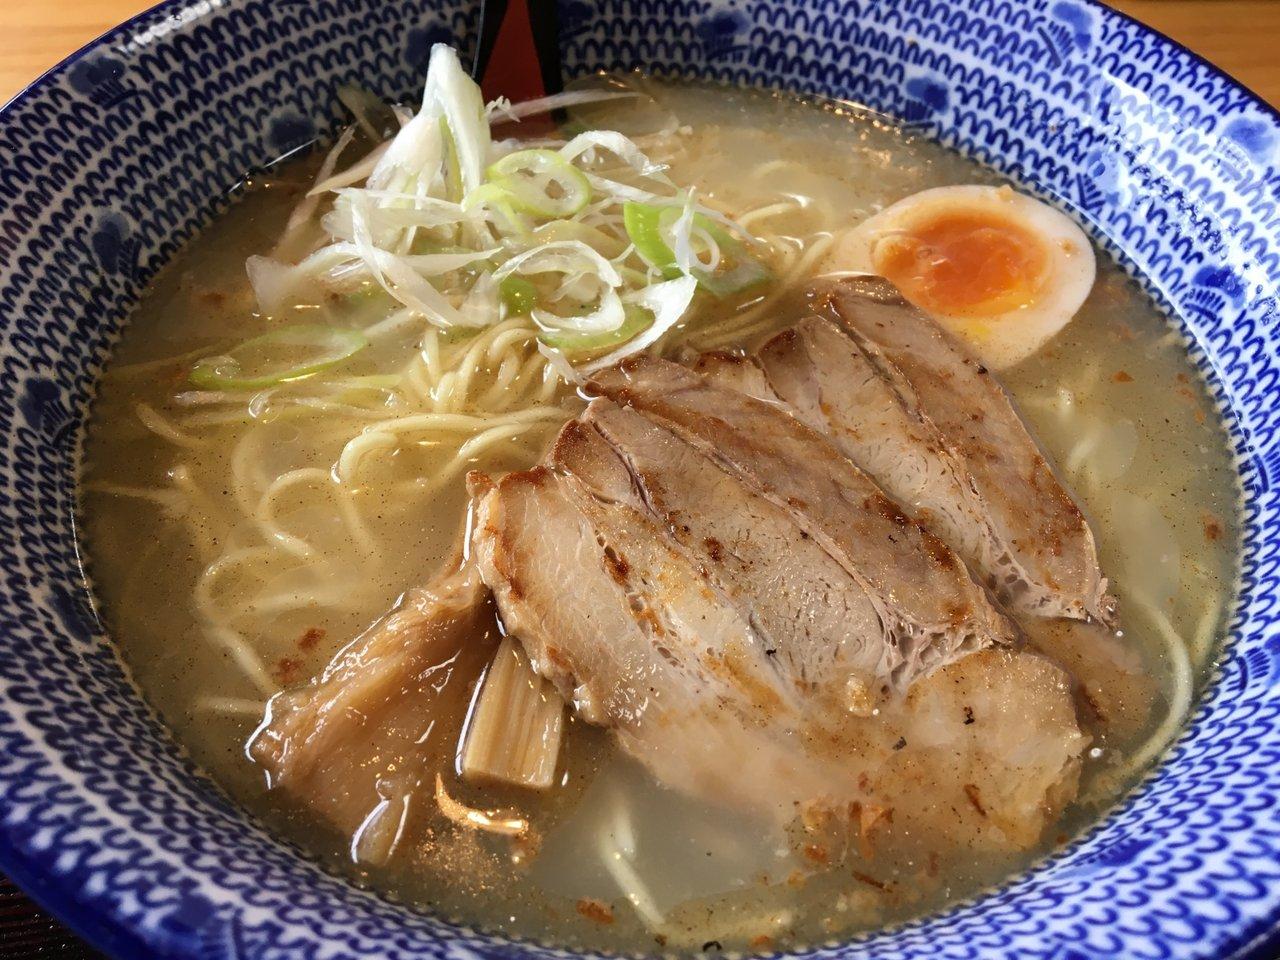 岡山名産・鰆(さわら)の出汁を使った「煮干しラーメン」を食べてみた